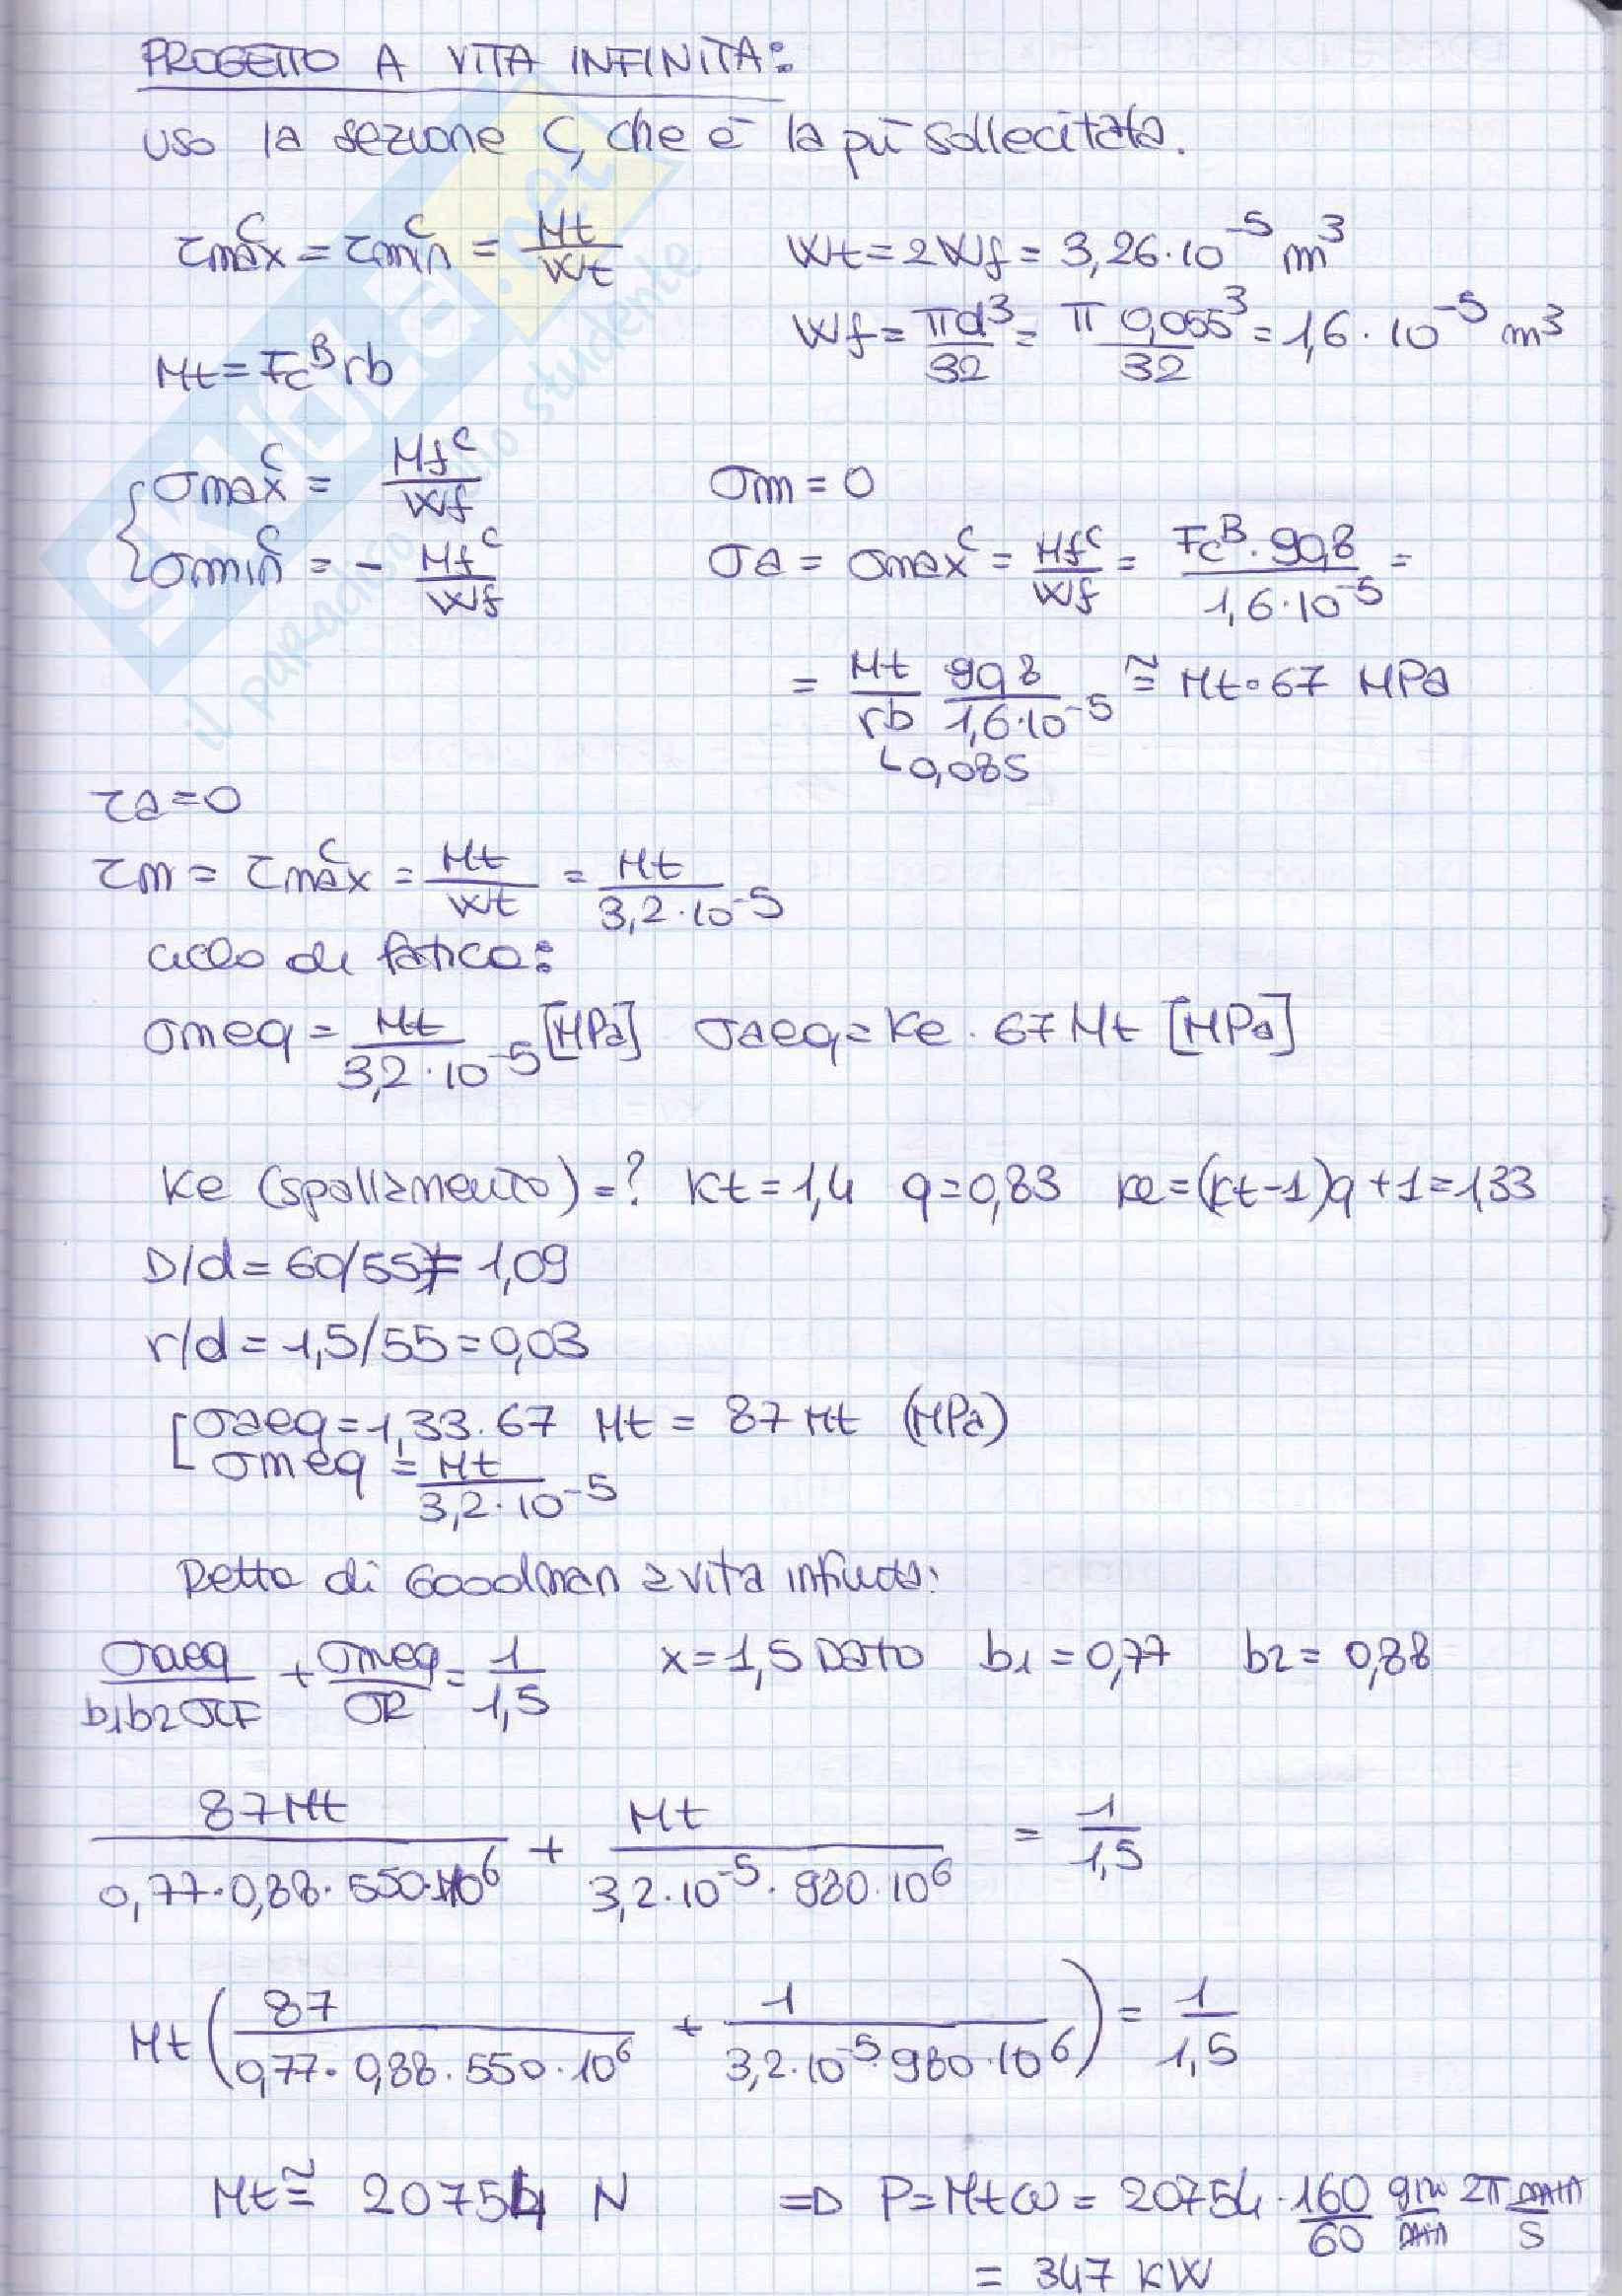 Elementi costruttivi delle macchine - Esercizi esame svolti Pag. 81